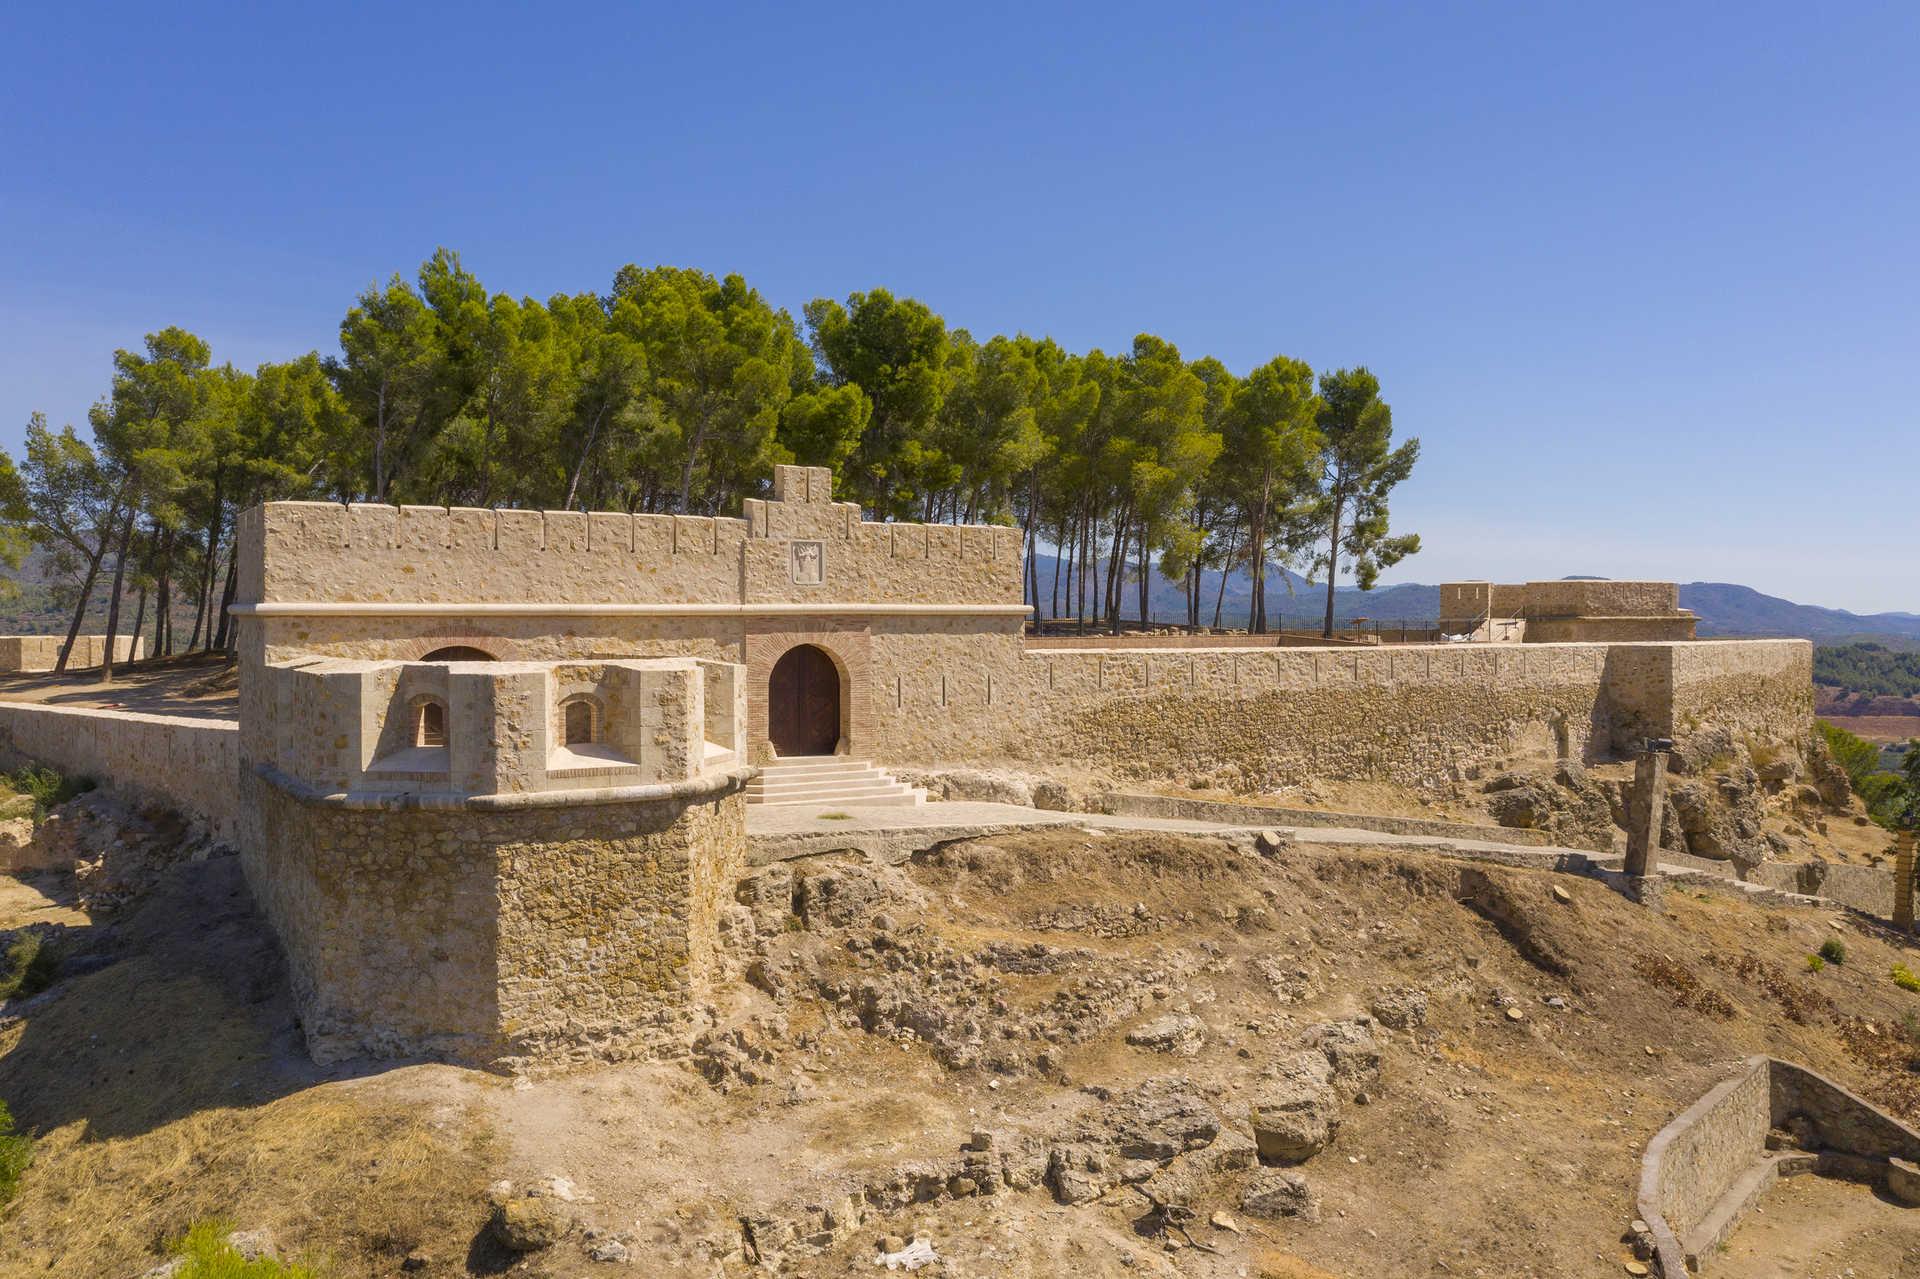 Fort de la Estrella